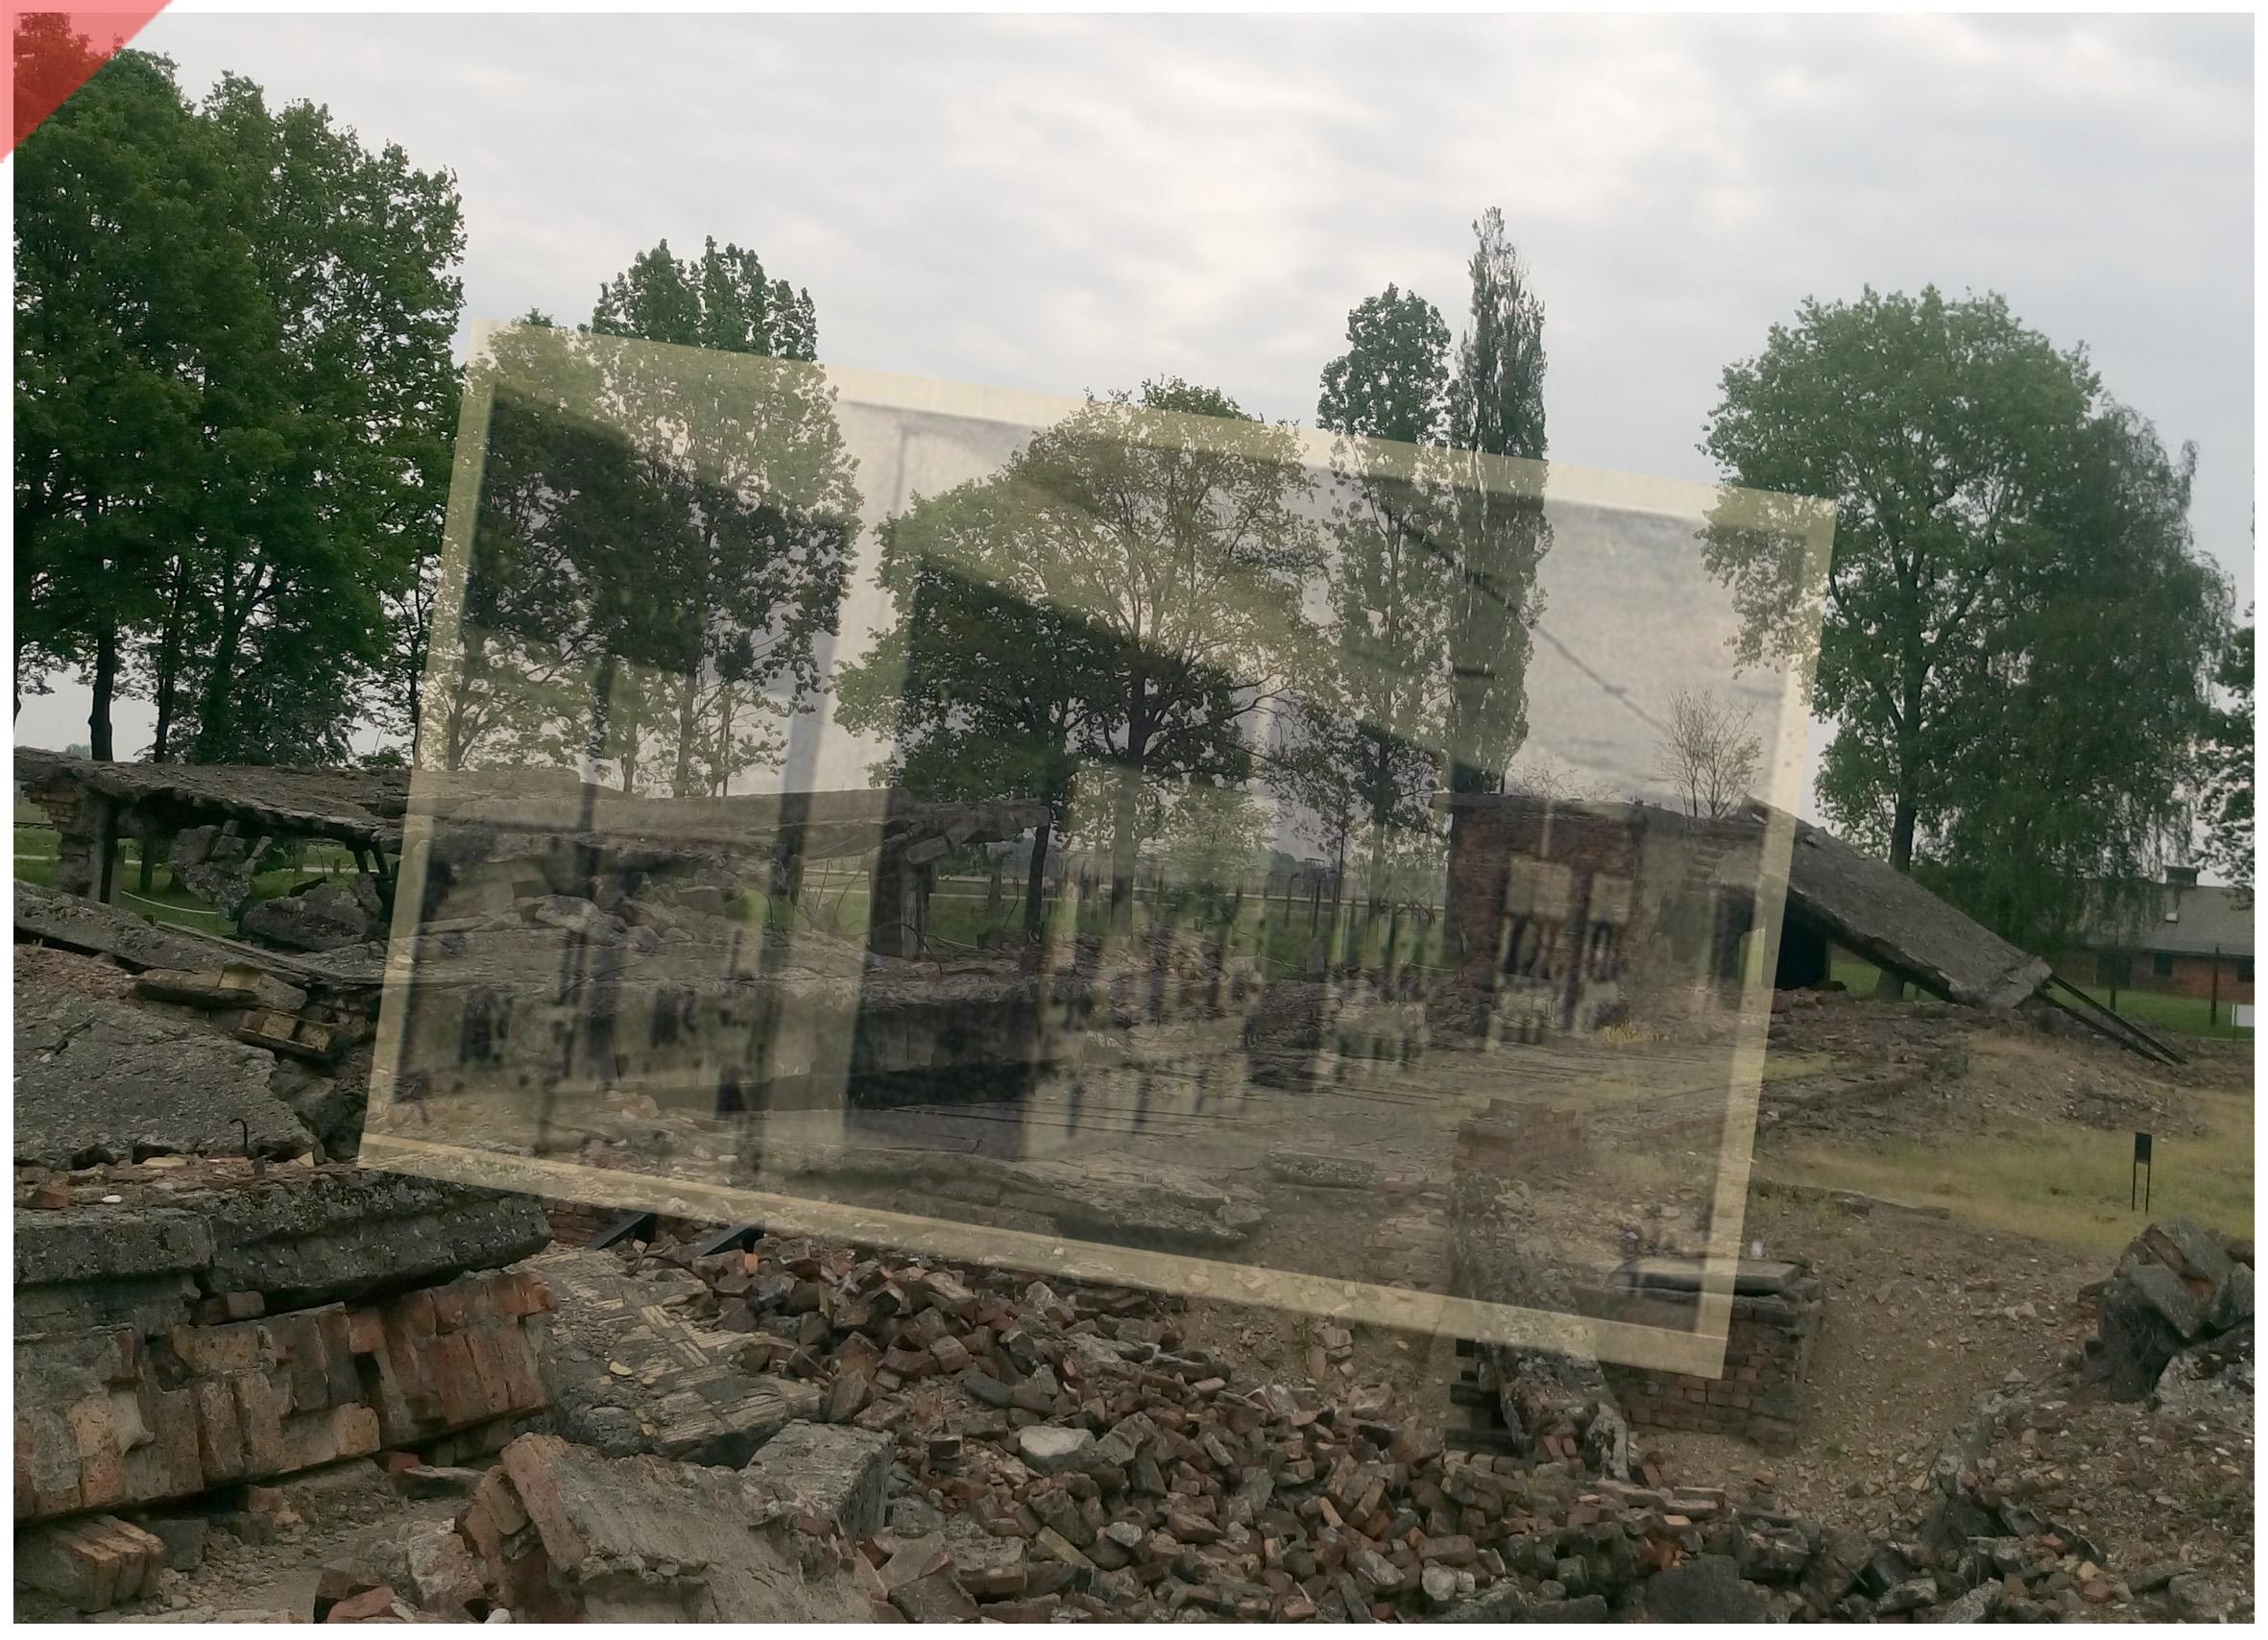 Auschwitz-Birkenau-Krematorium-2-II-superimpose-now-then-oven-1943-1944-Photo